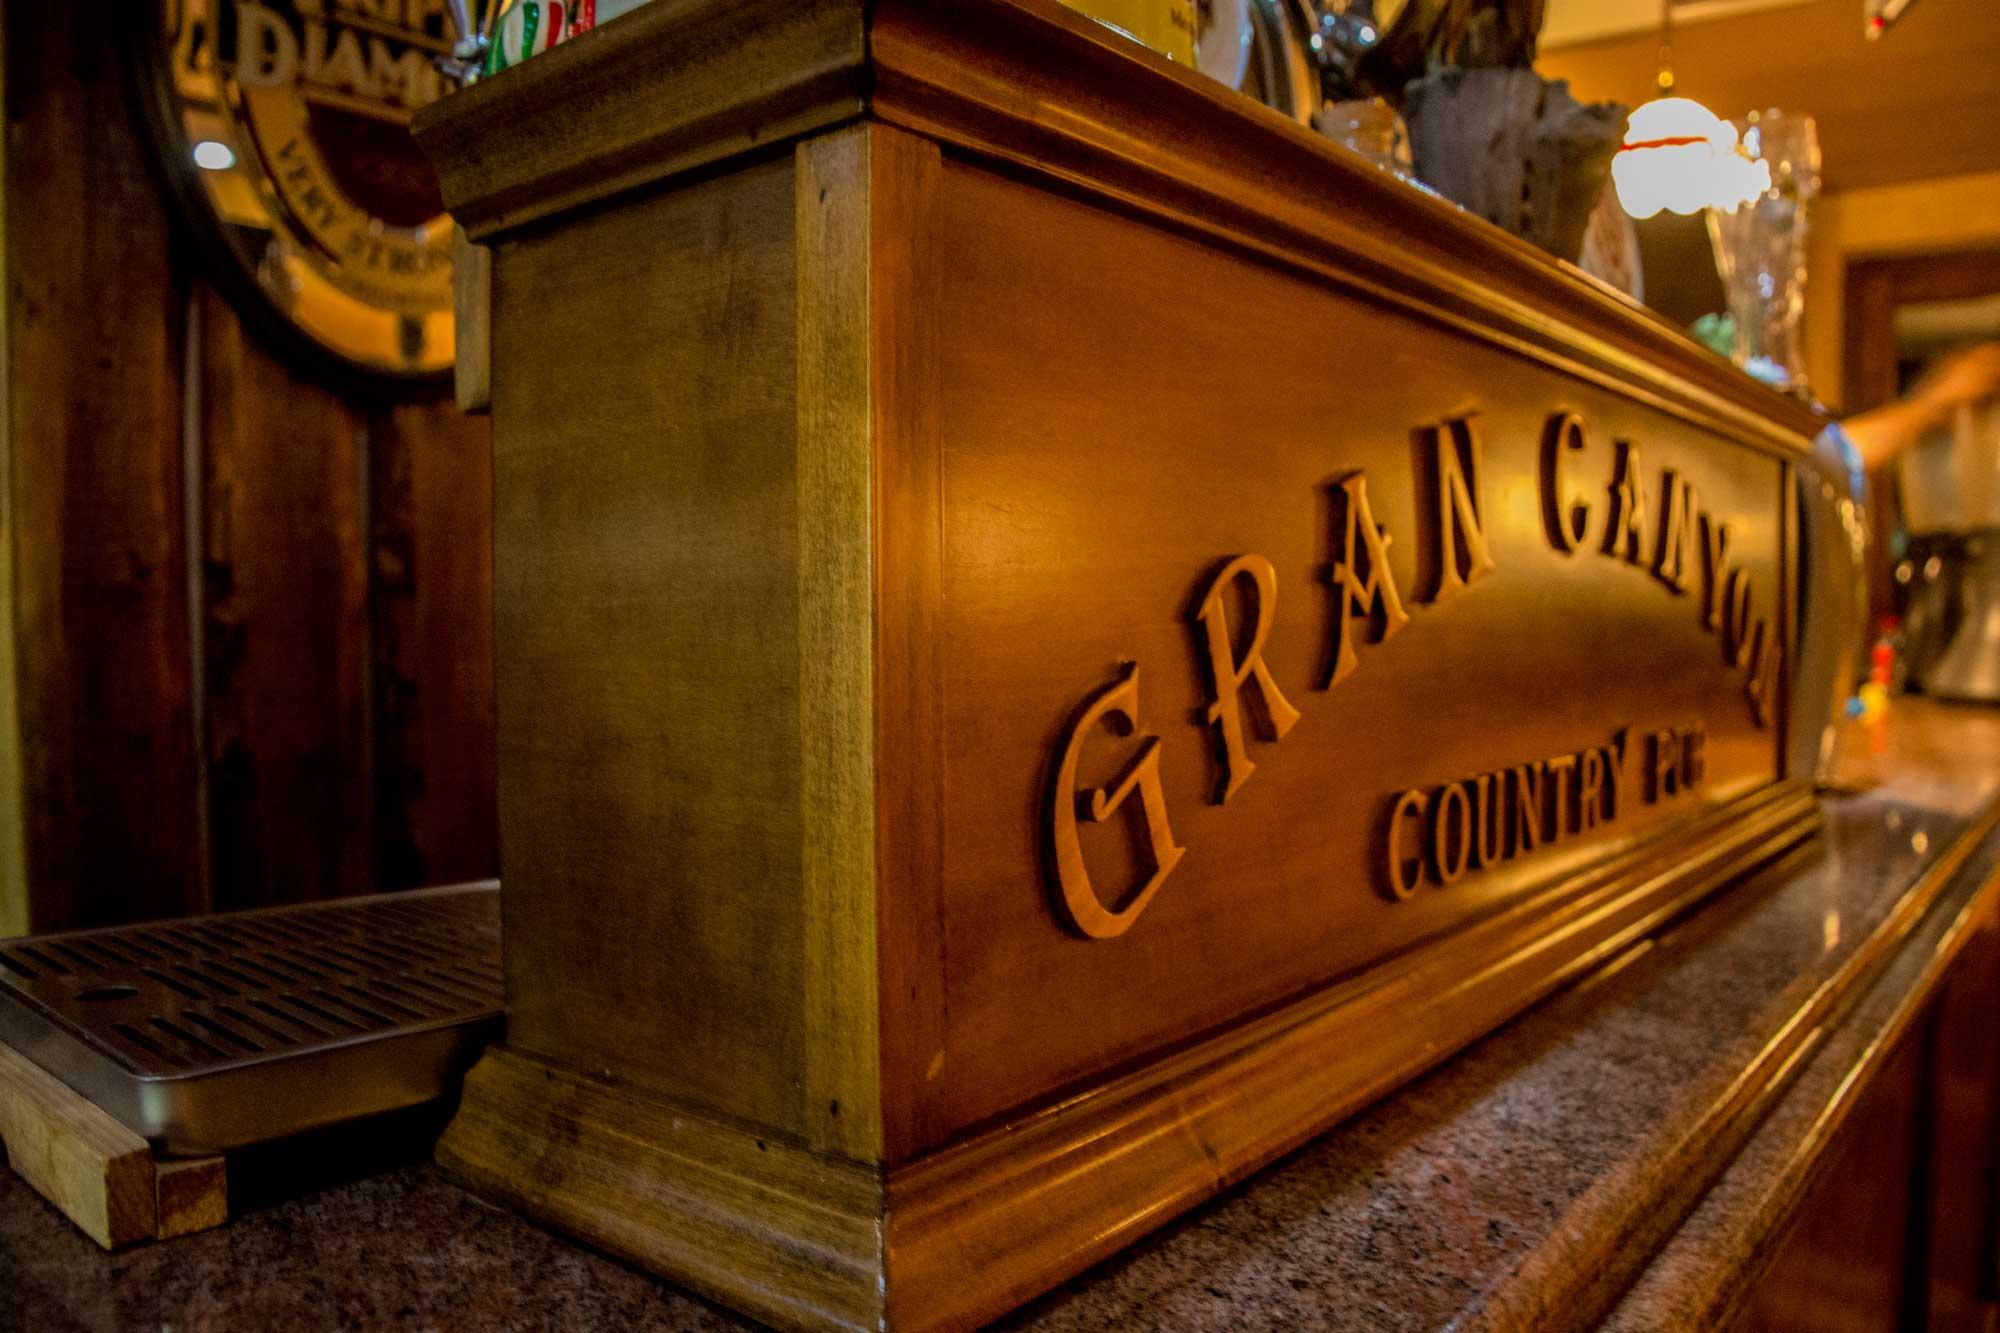 Spillatore-personalizzato-Gran-Canyon-Country-Pub